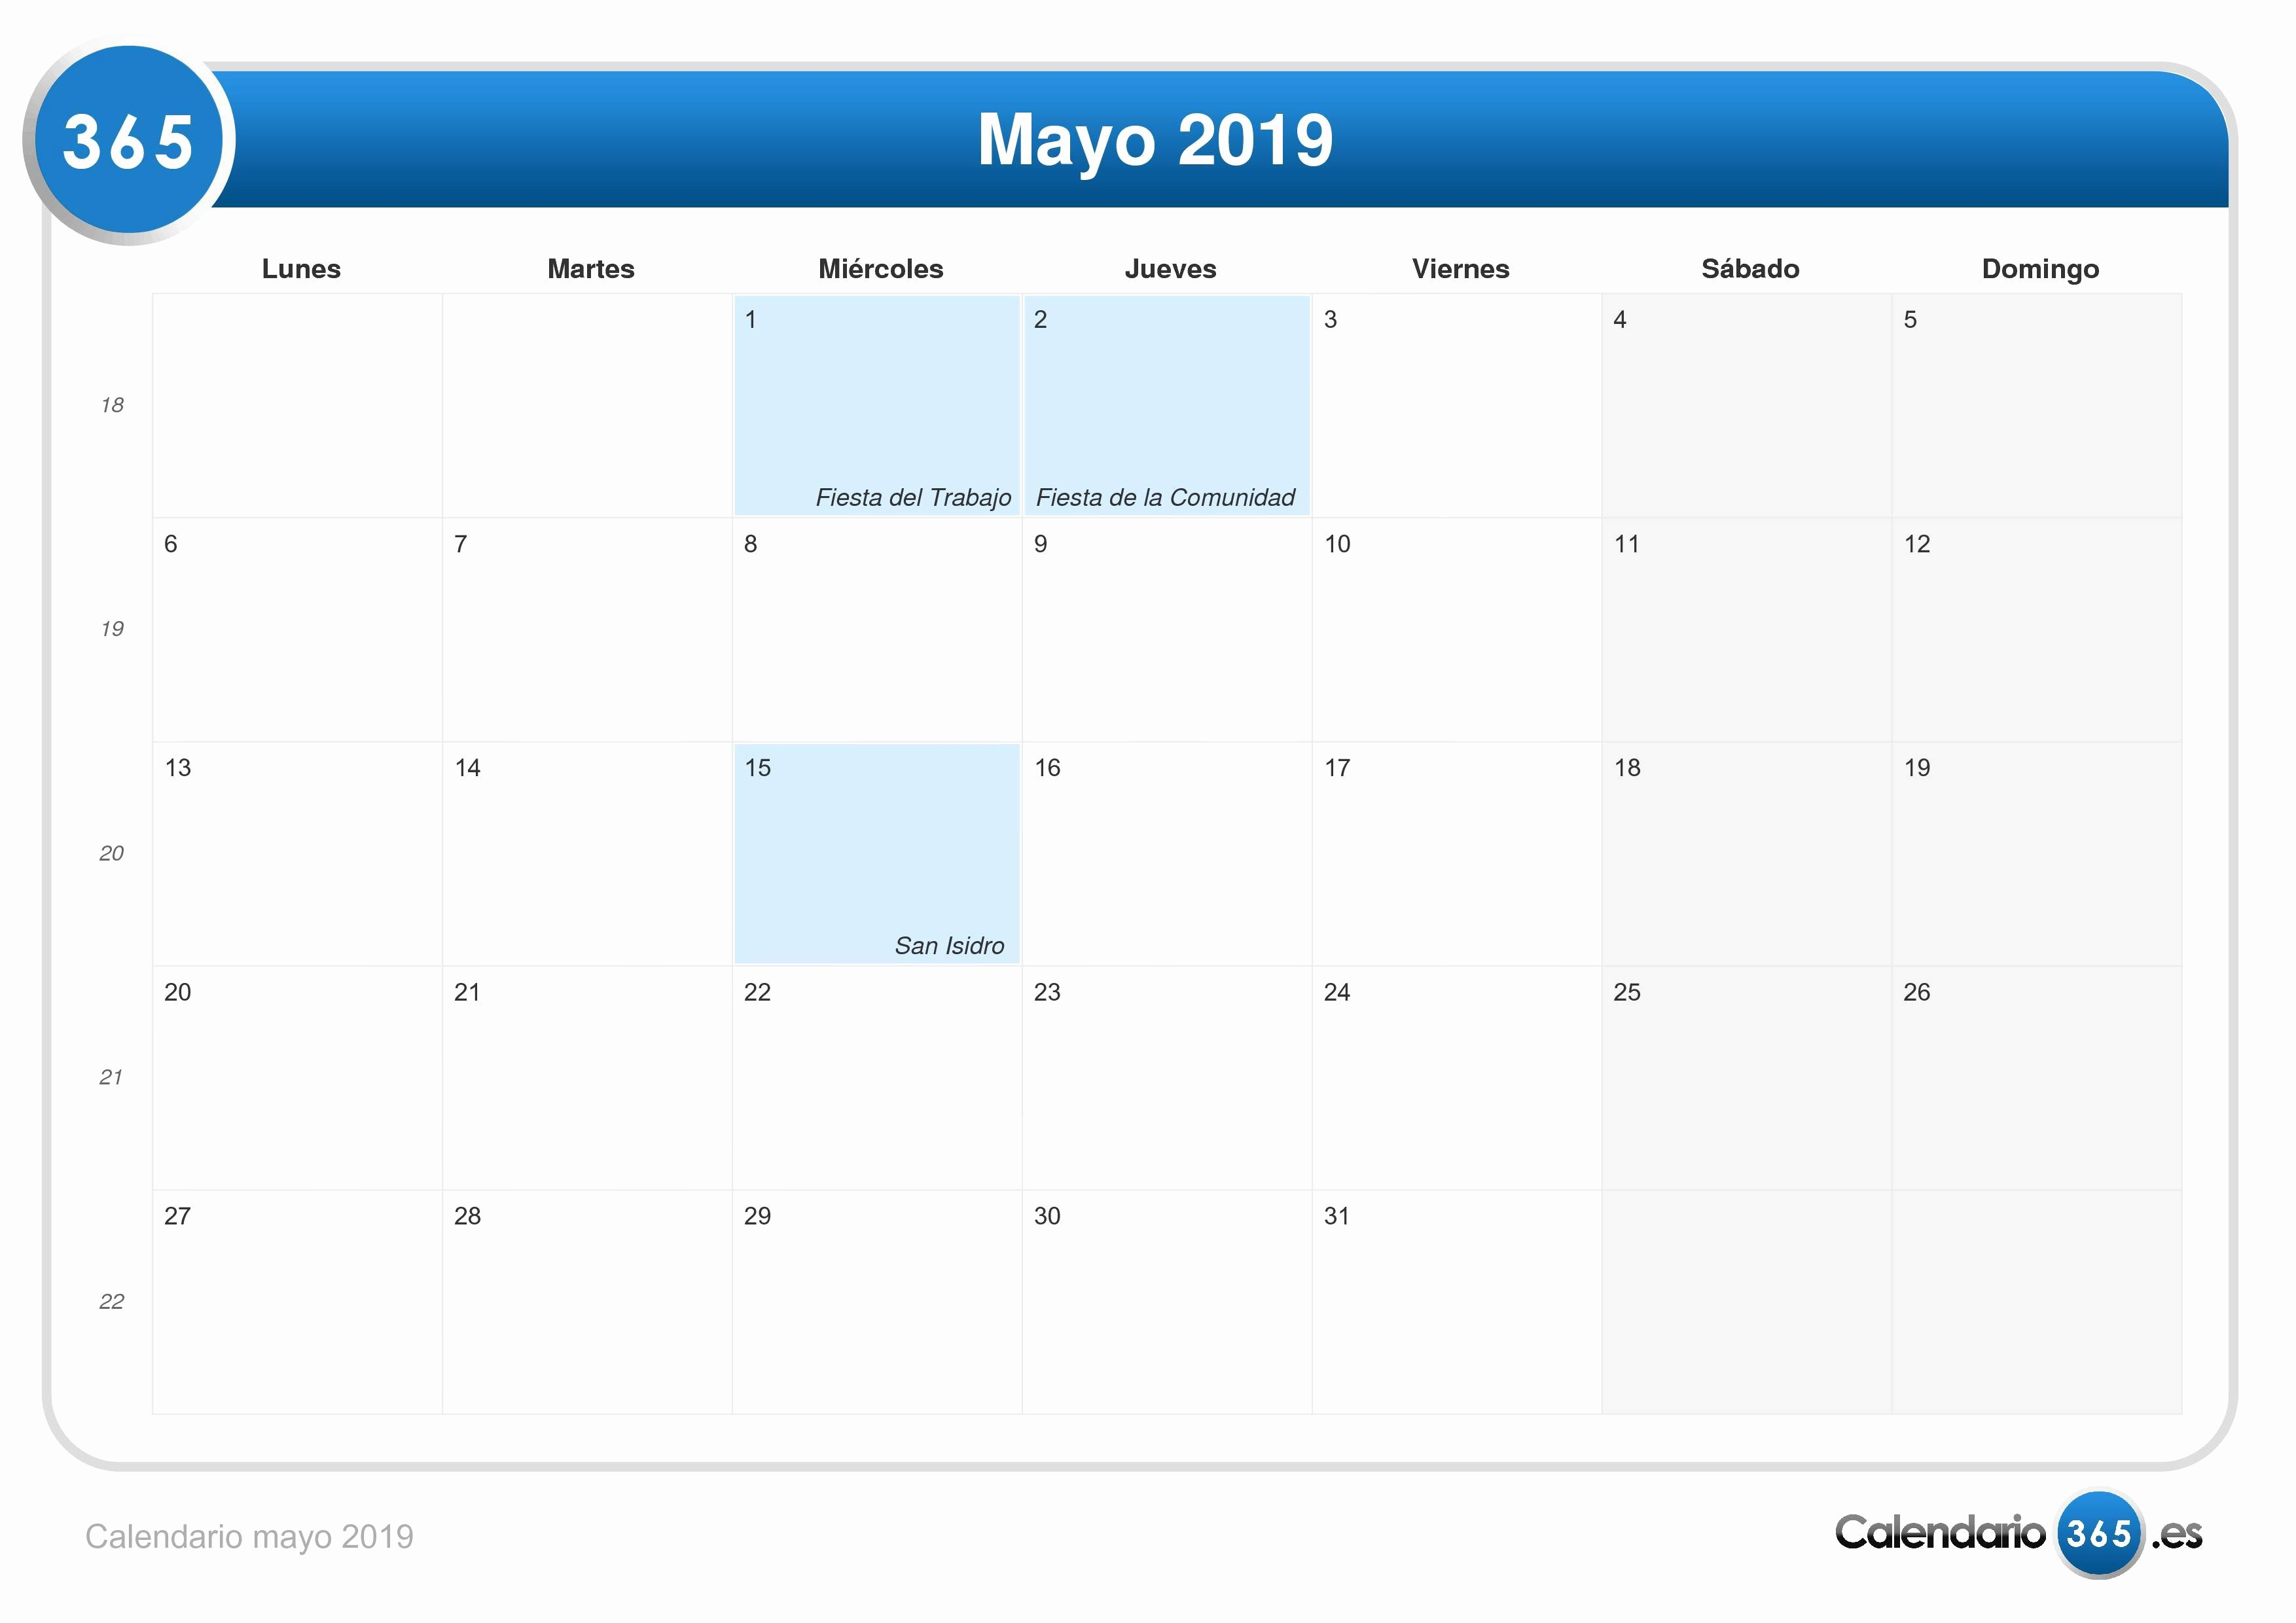 Calendario Enero Febrero 2018 Chile Recientes De Lujo 51 Ejemplos Festivos 2019 Of Calendario Enero Febrero 2018 Chile Más Actual Determinar Calendario Septiembre 2019 Para Imprimir Mexico